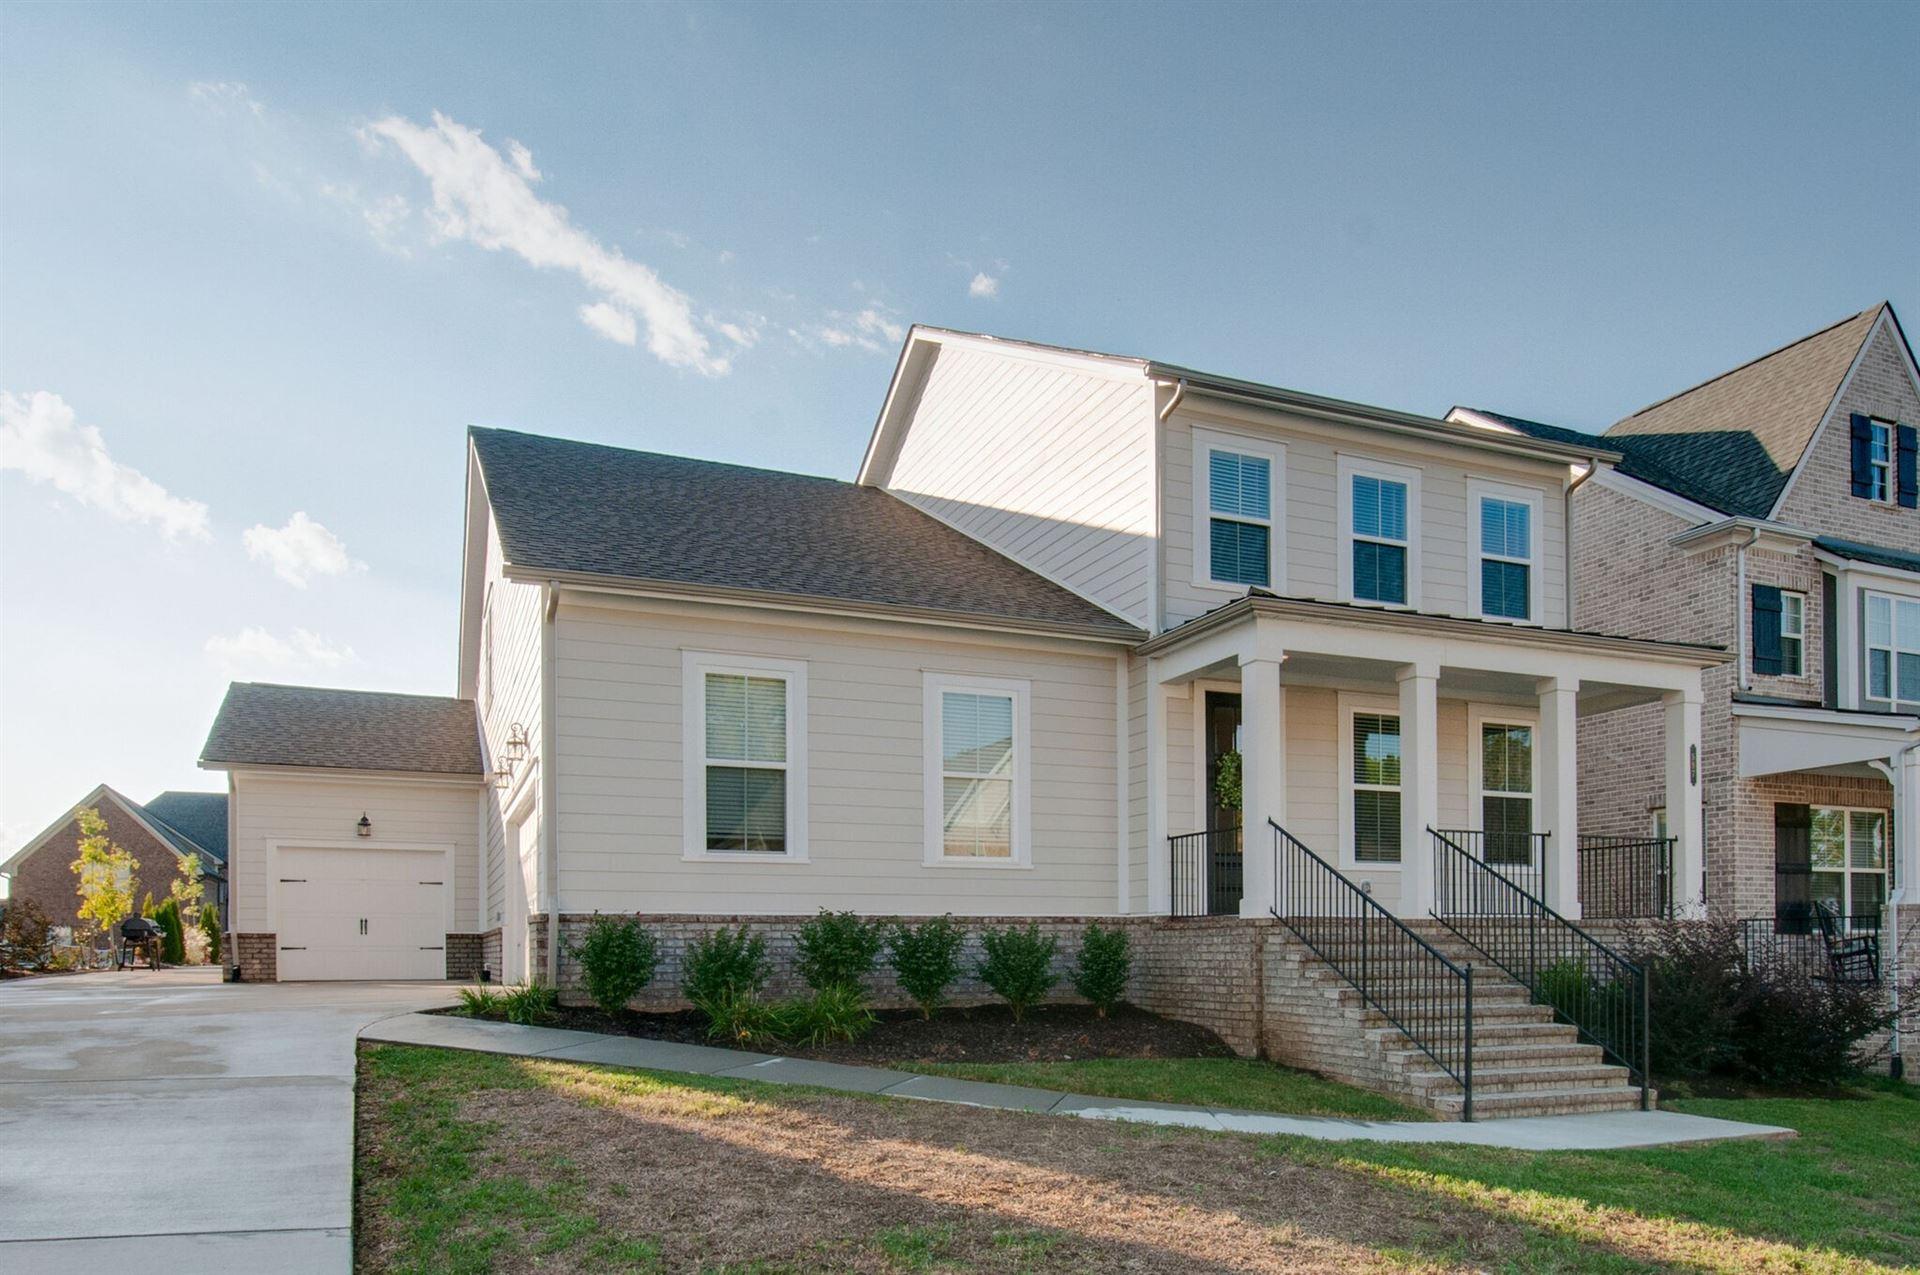 Photo of 597 Dunmeyer Ct, Nolensville, TN 37135 (MLS # 2301835)